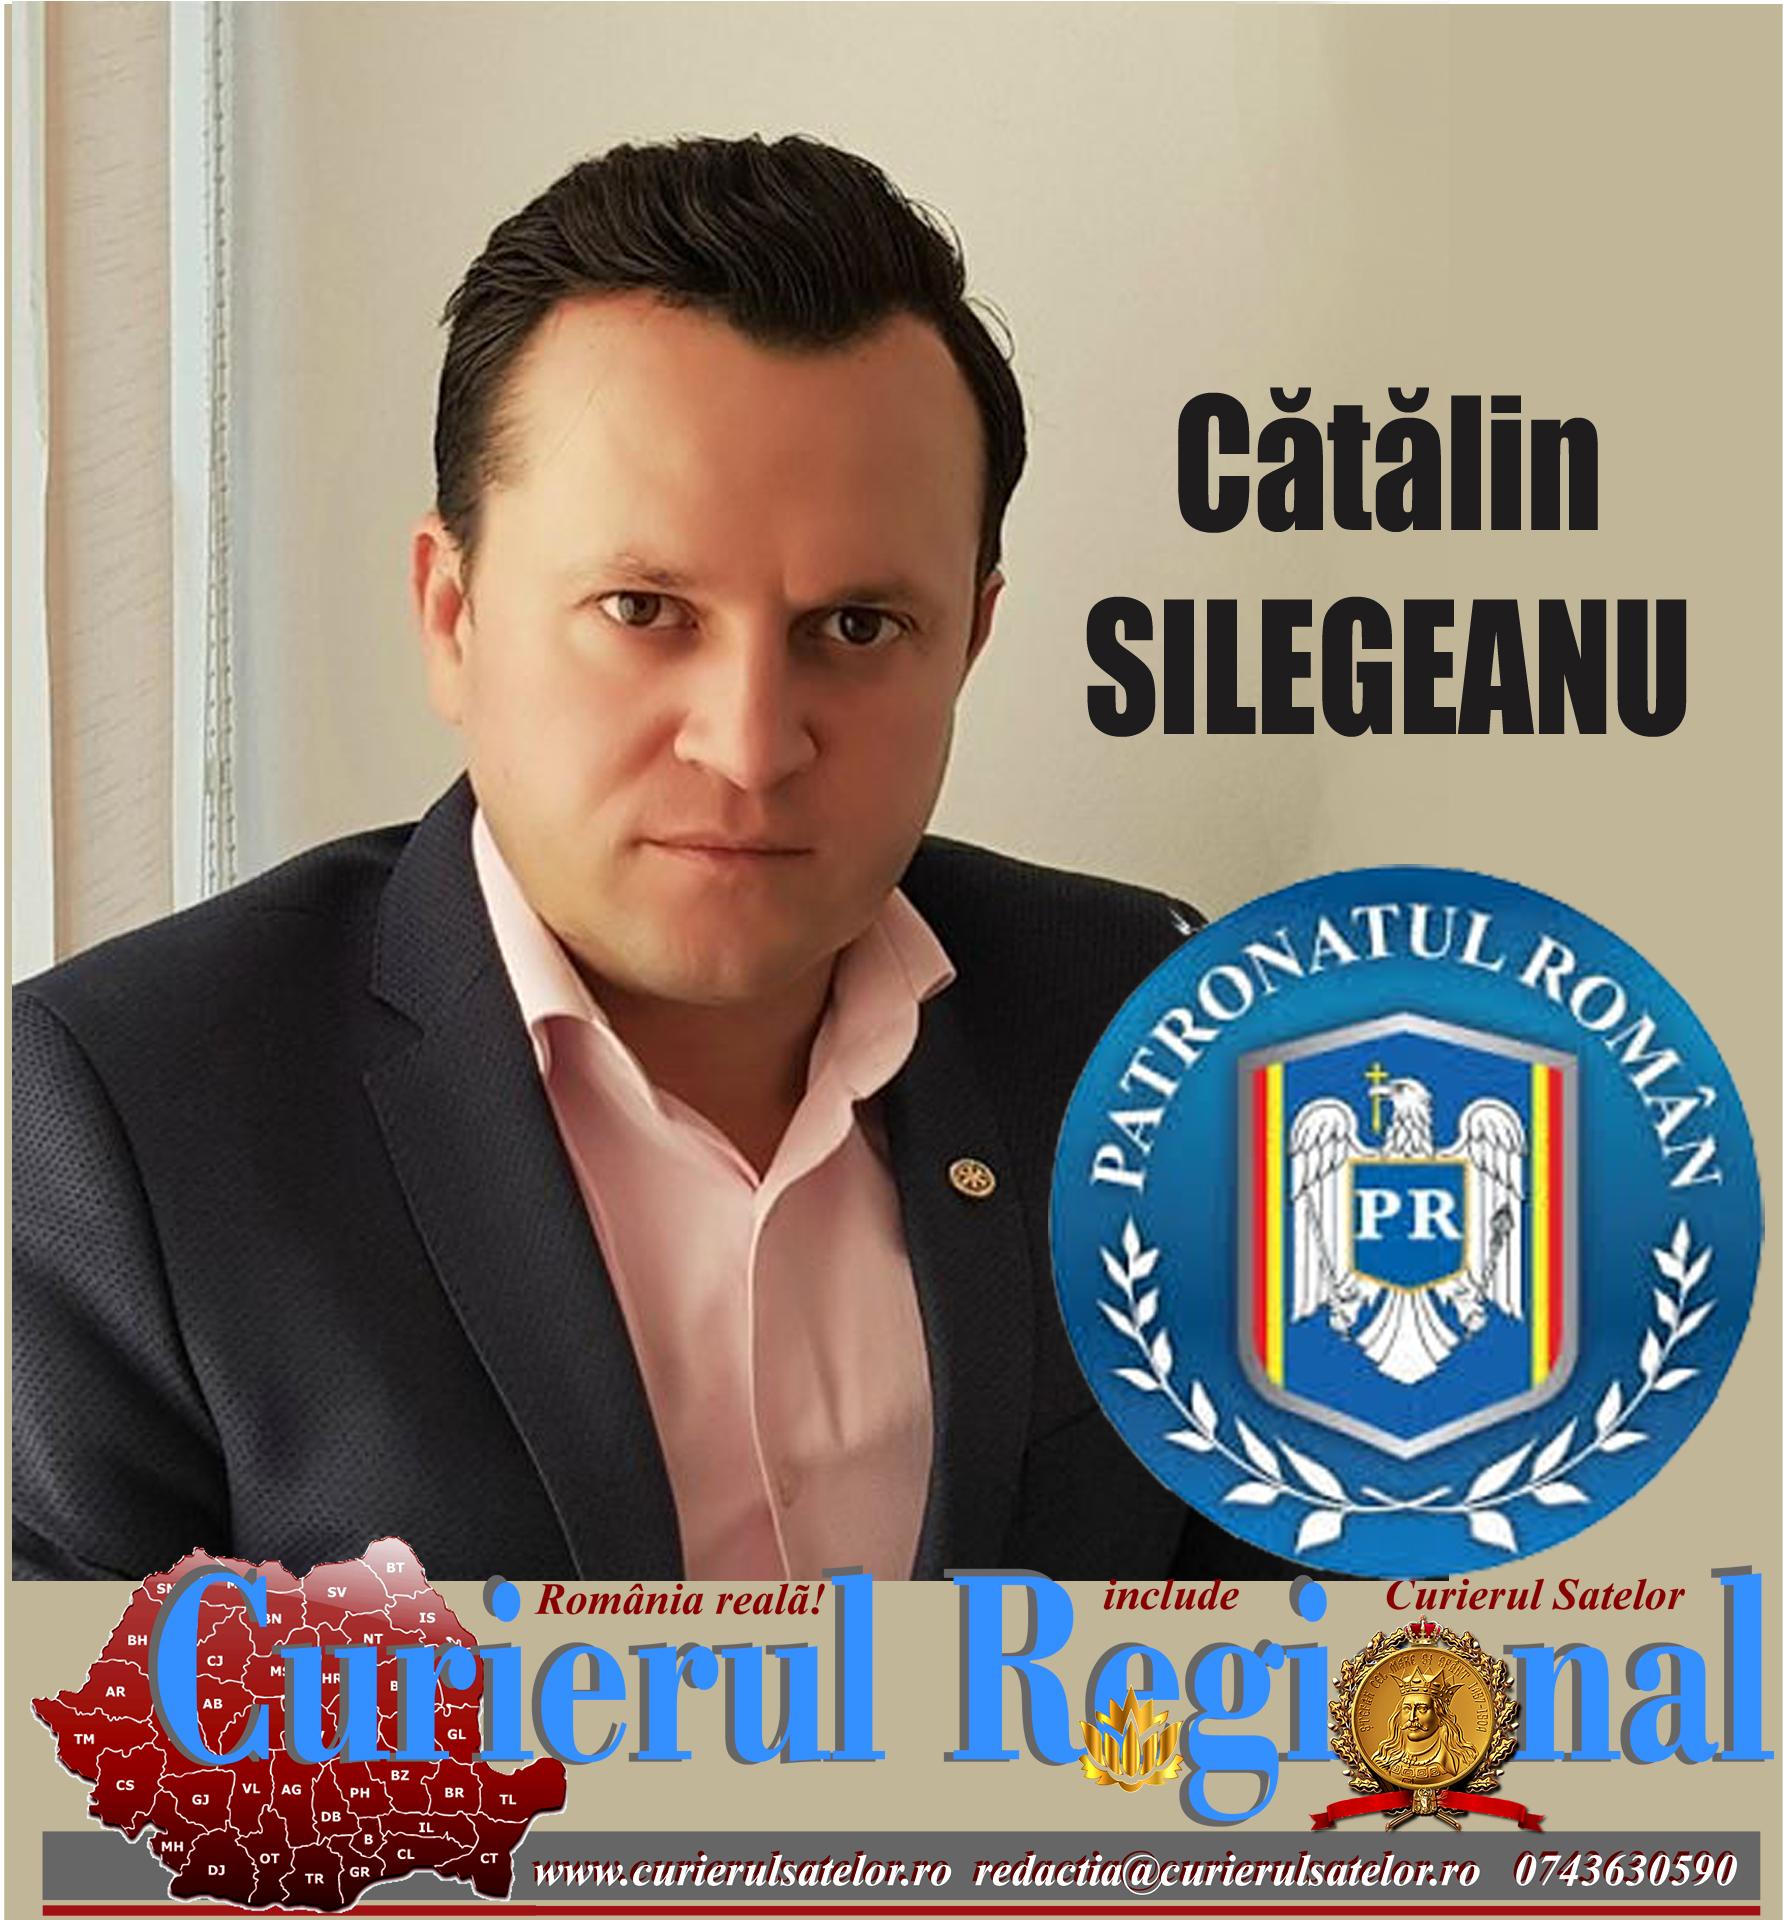 Alegere inspirată în conducerea Patronatului Național Român. Un botoșănean a devenit vicepreședinte 22